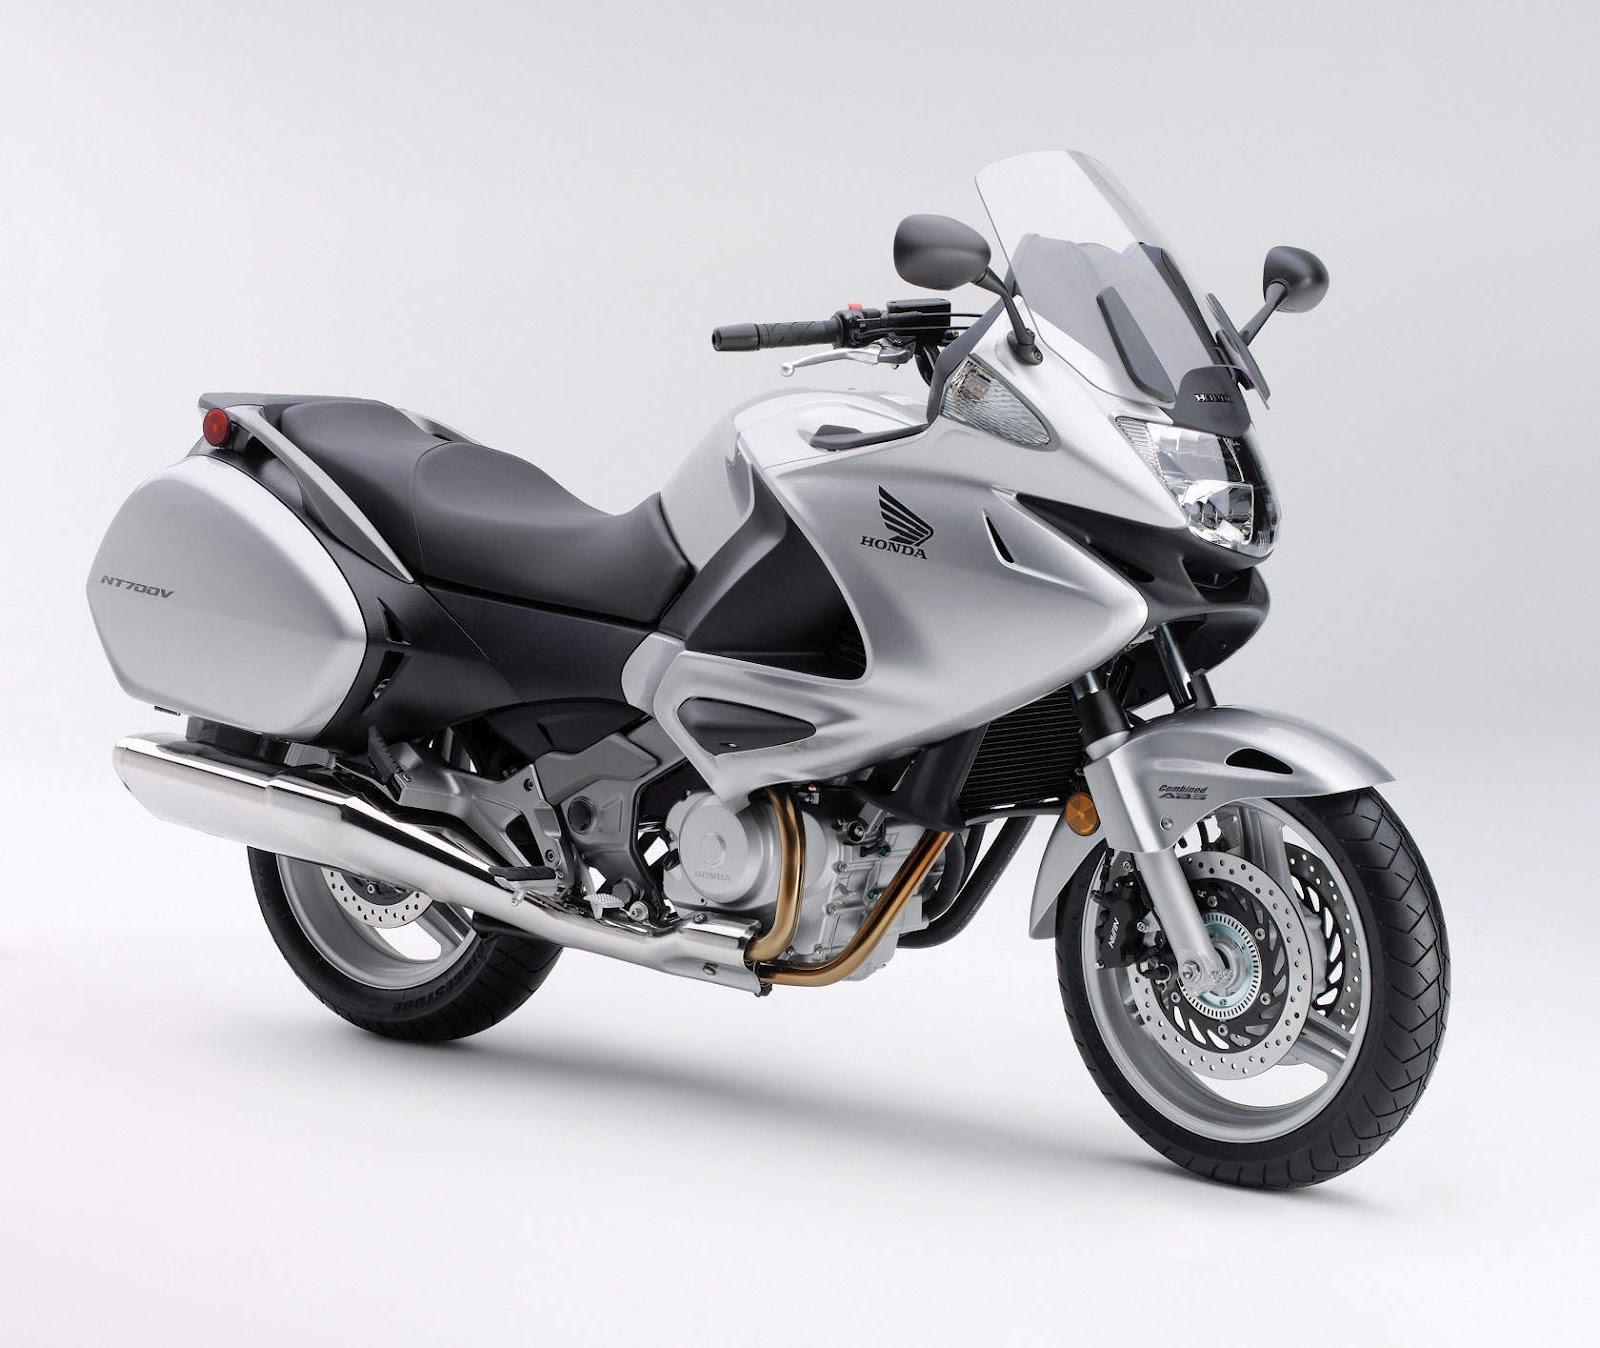 Kekurangan Honda 700Cc Harga